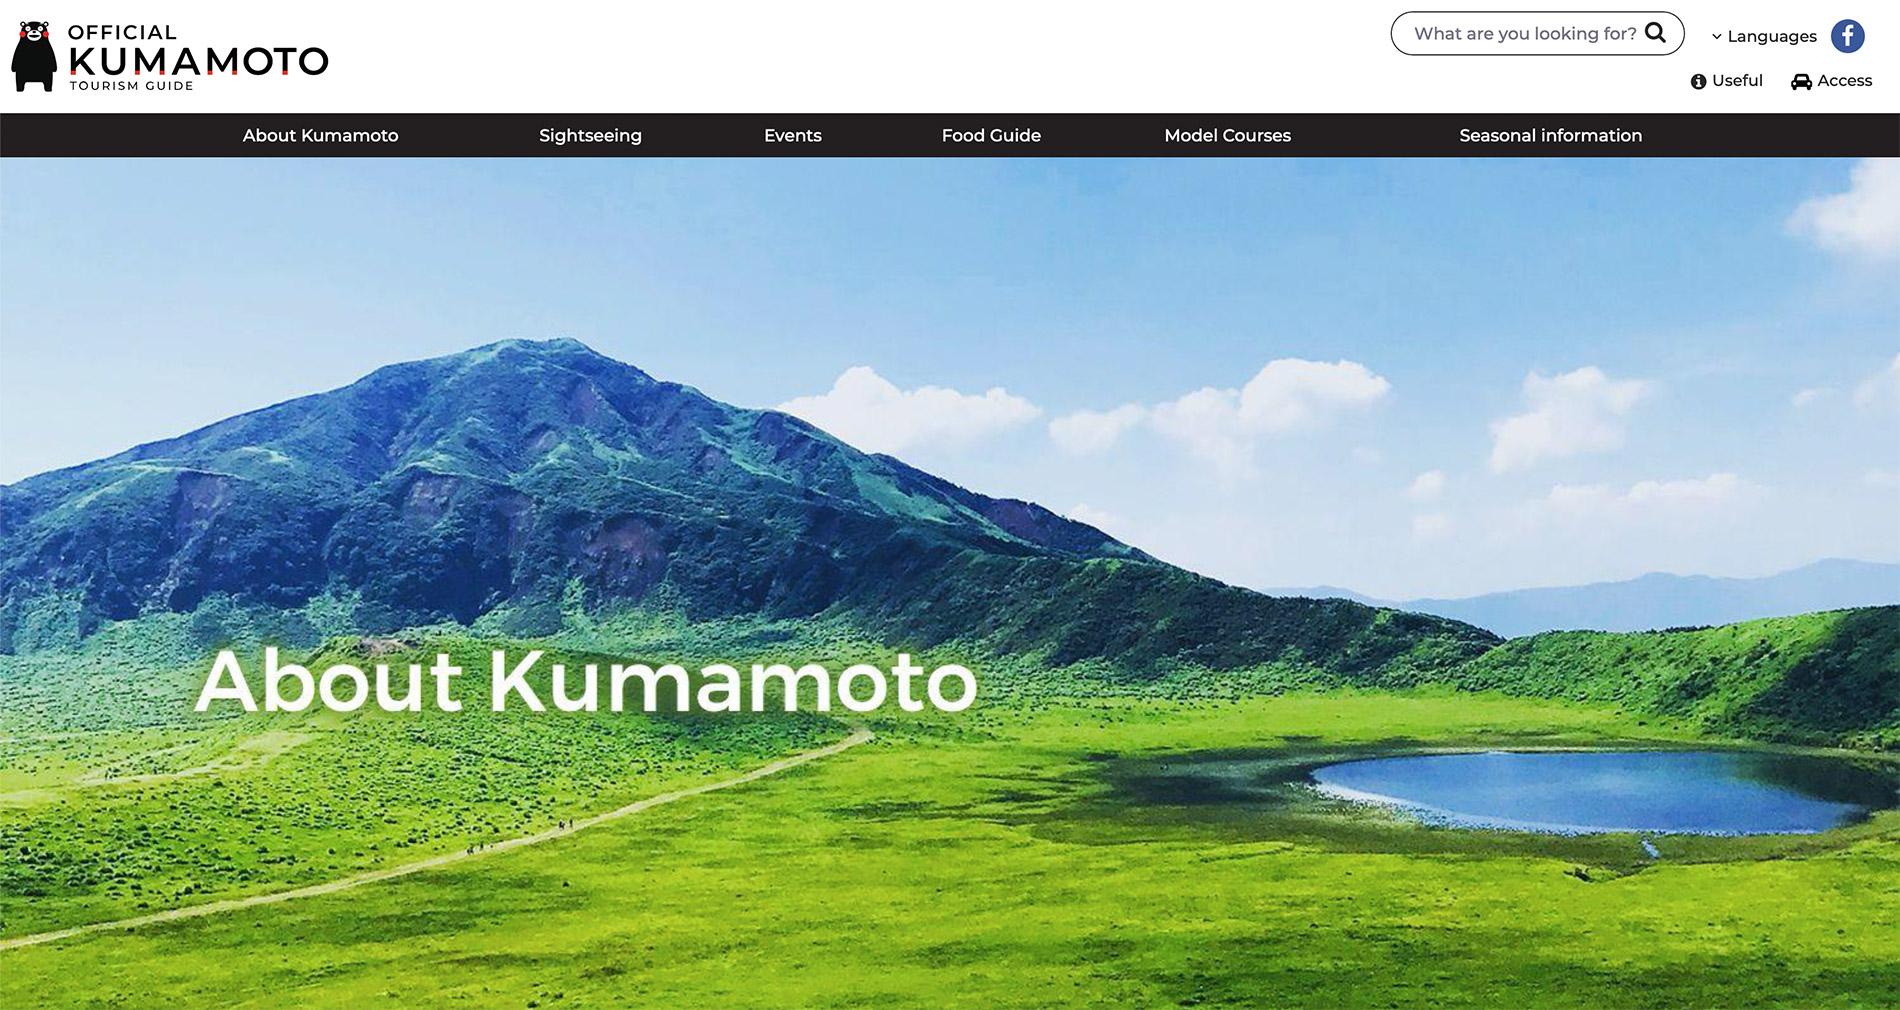 Die englische Webseite des Tourismusverbandes der Präfektur Kumamoto.